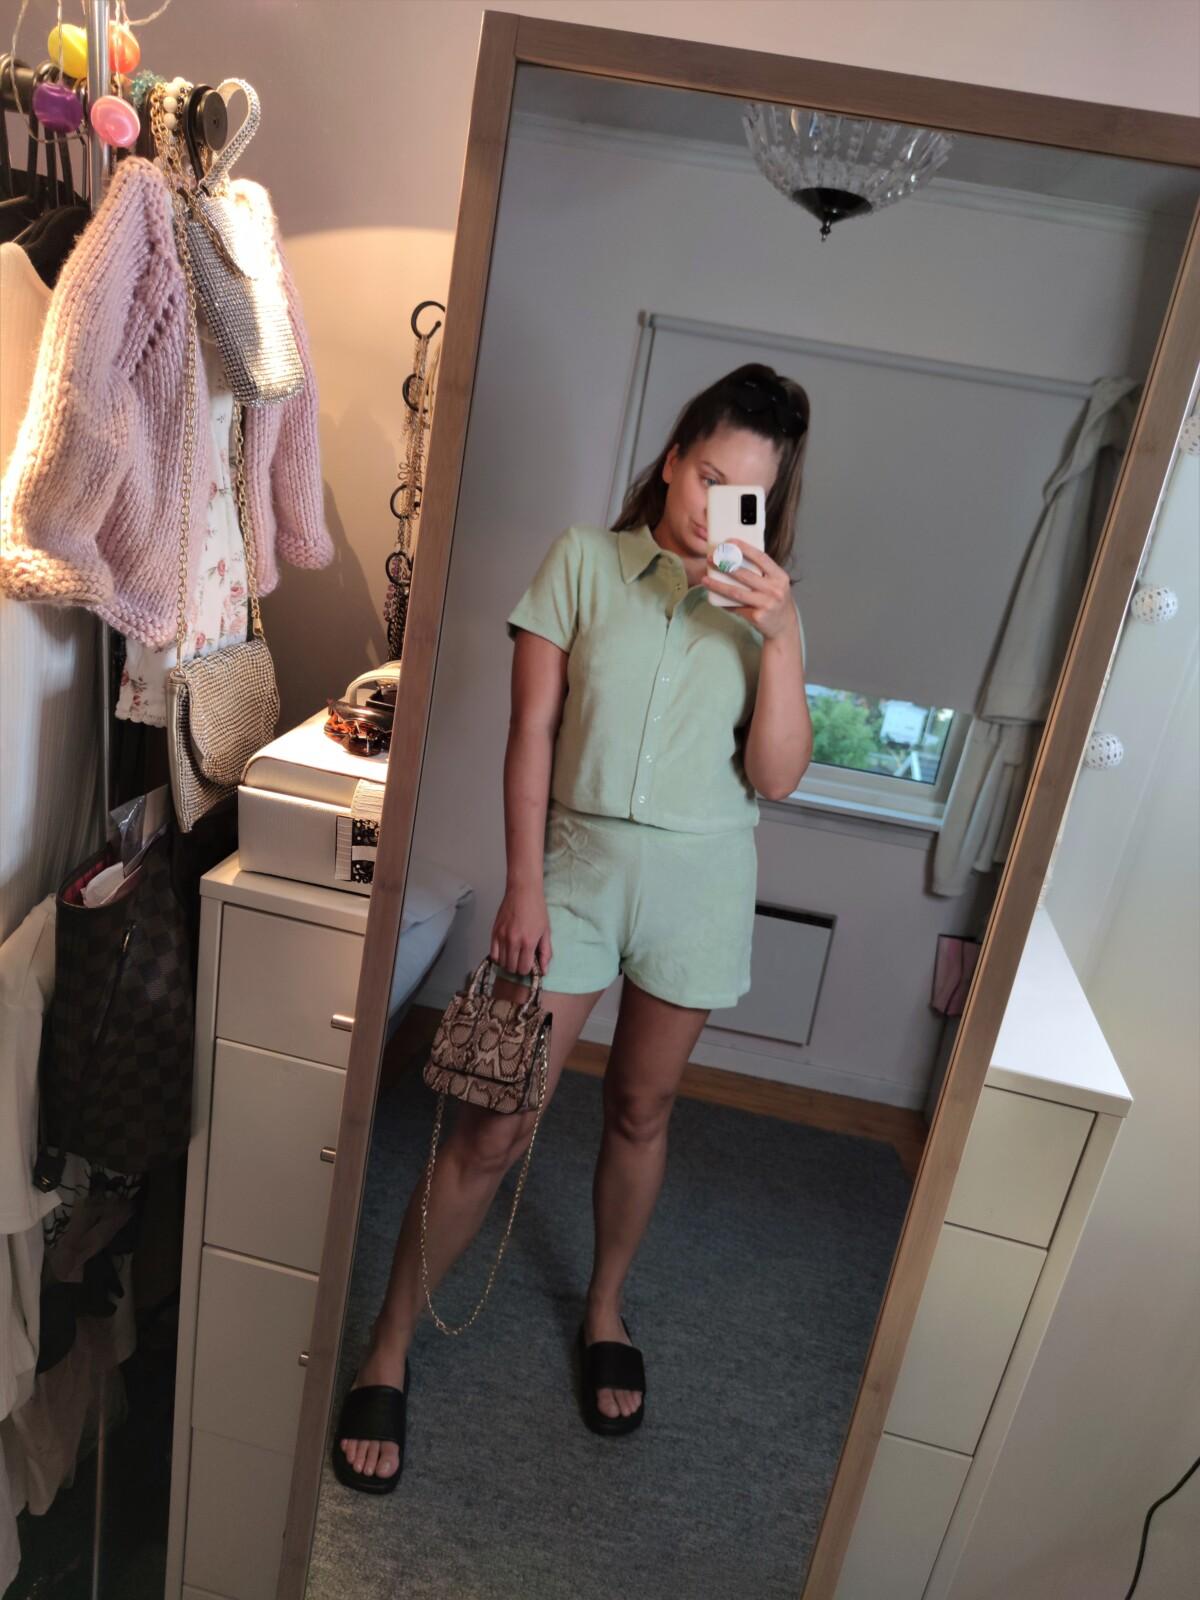 isalicious-isaliciou1-mote-stil-beauty-skjønnhet-nellycom-nelly-shopping-innkjøp-newin-new-handel-nettshopping-antrekk-outfit-trend-trender-sommertrend-vesker-isalicious.blogg.no-moteblogger-stilblogger-